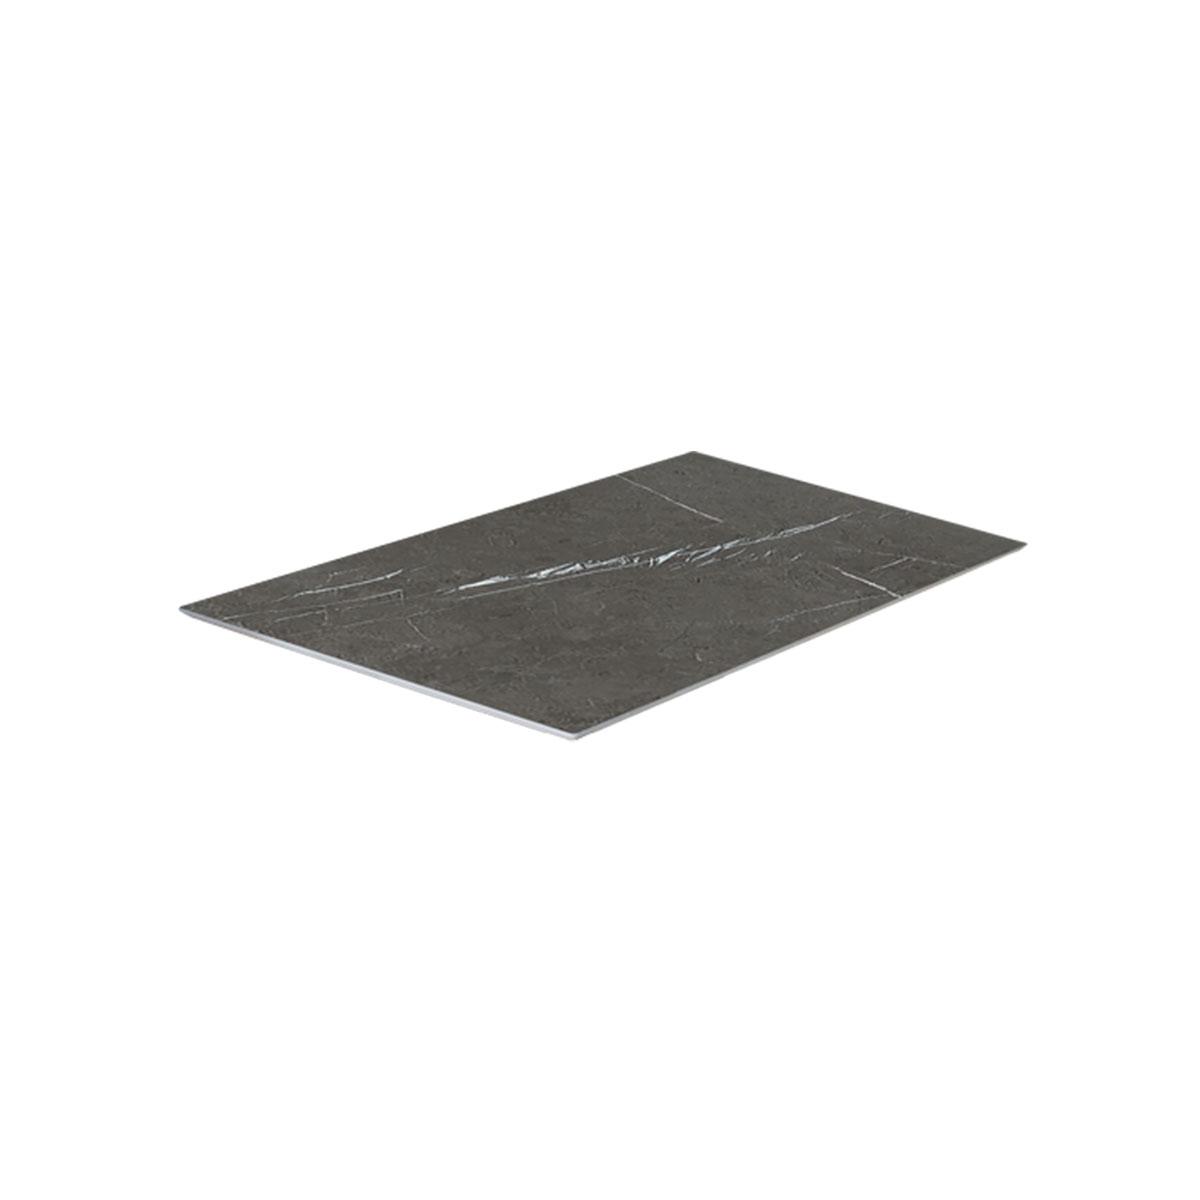 Vanity Top 12mm - Pietra Grigia - Shark Nose